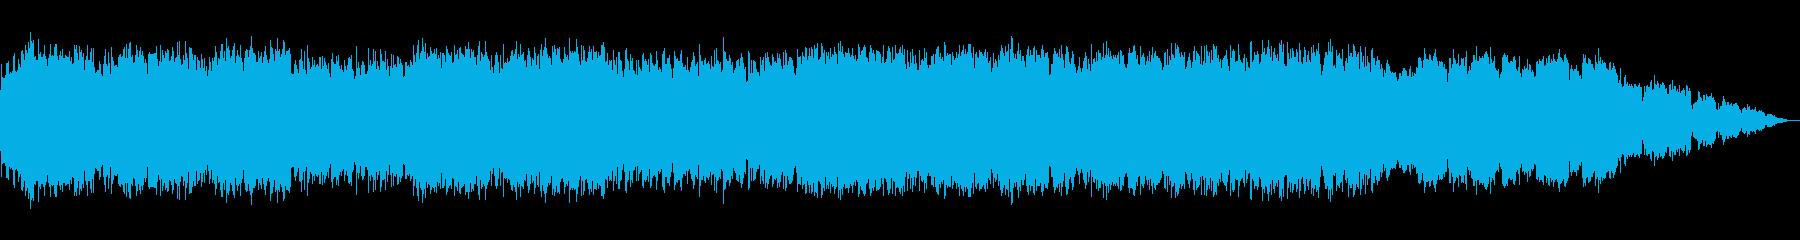 エスニックな竹笛の即興音楽の再生済みの波形